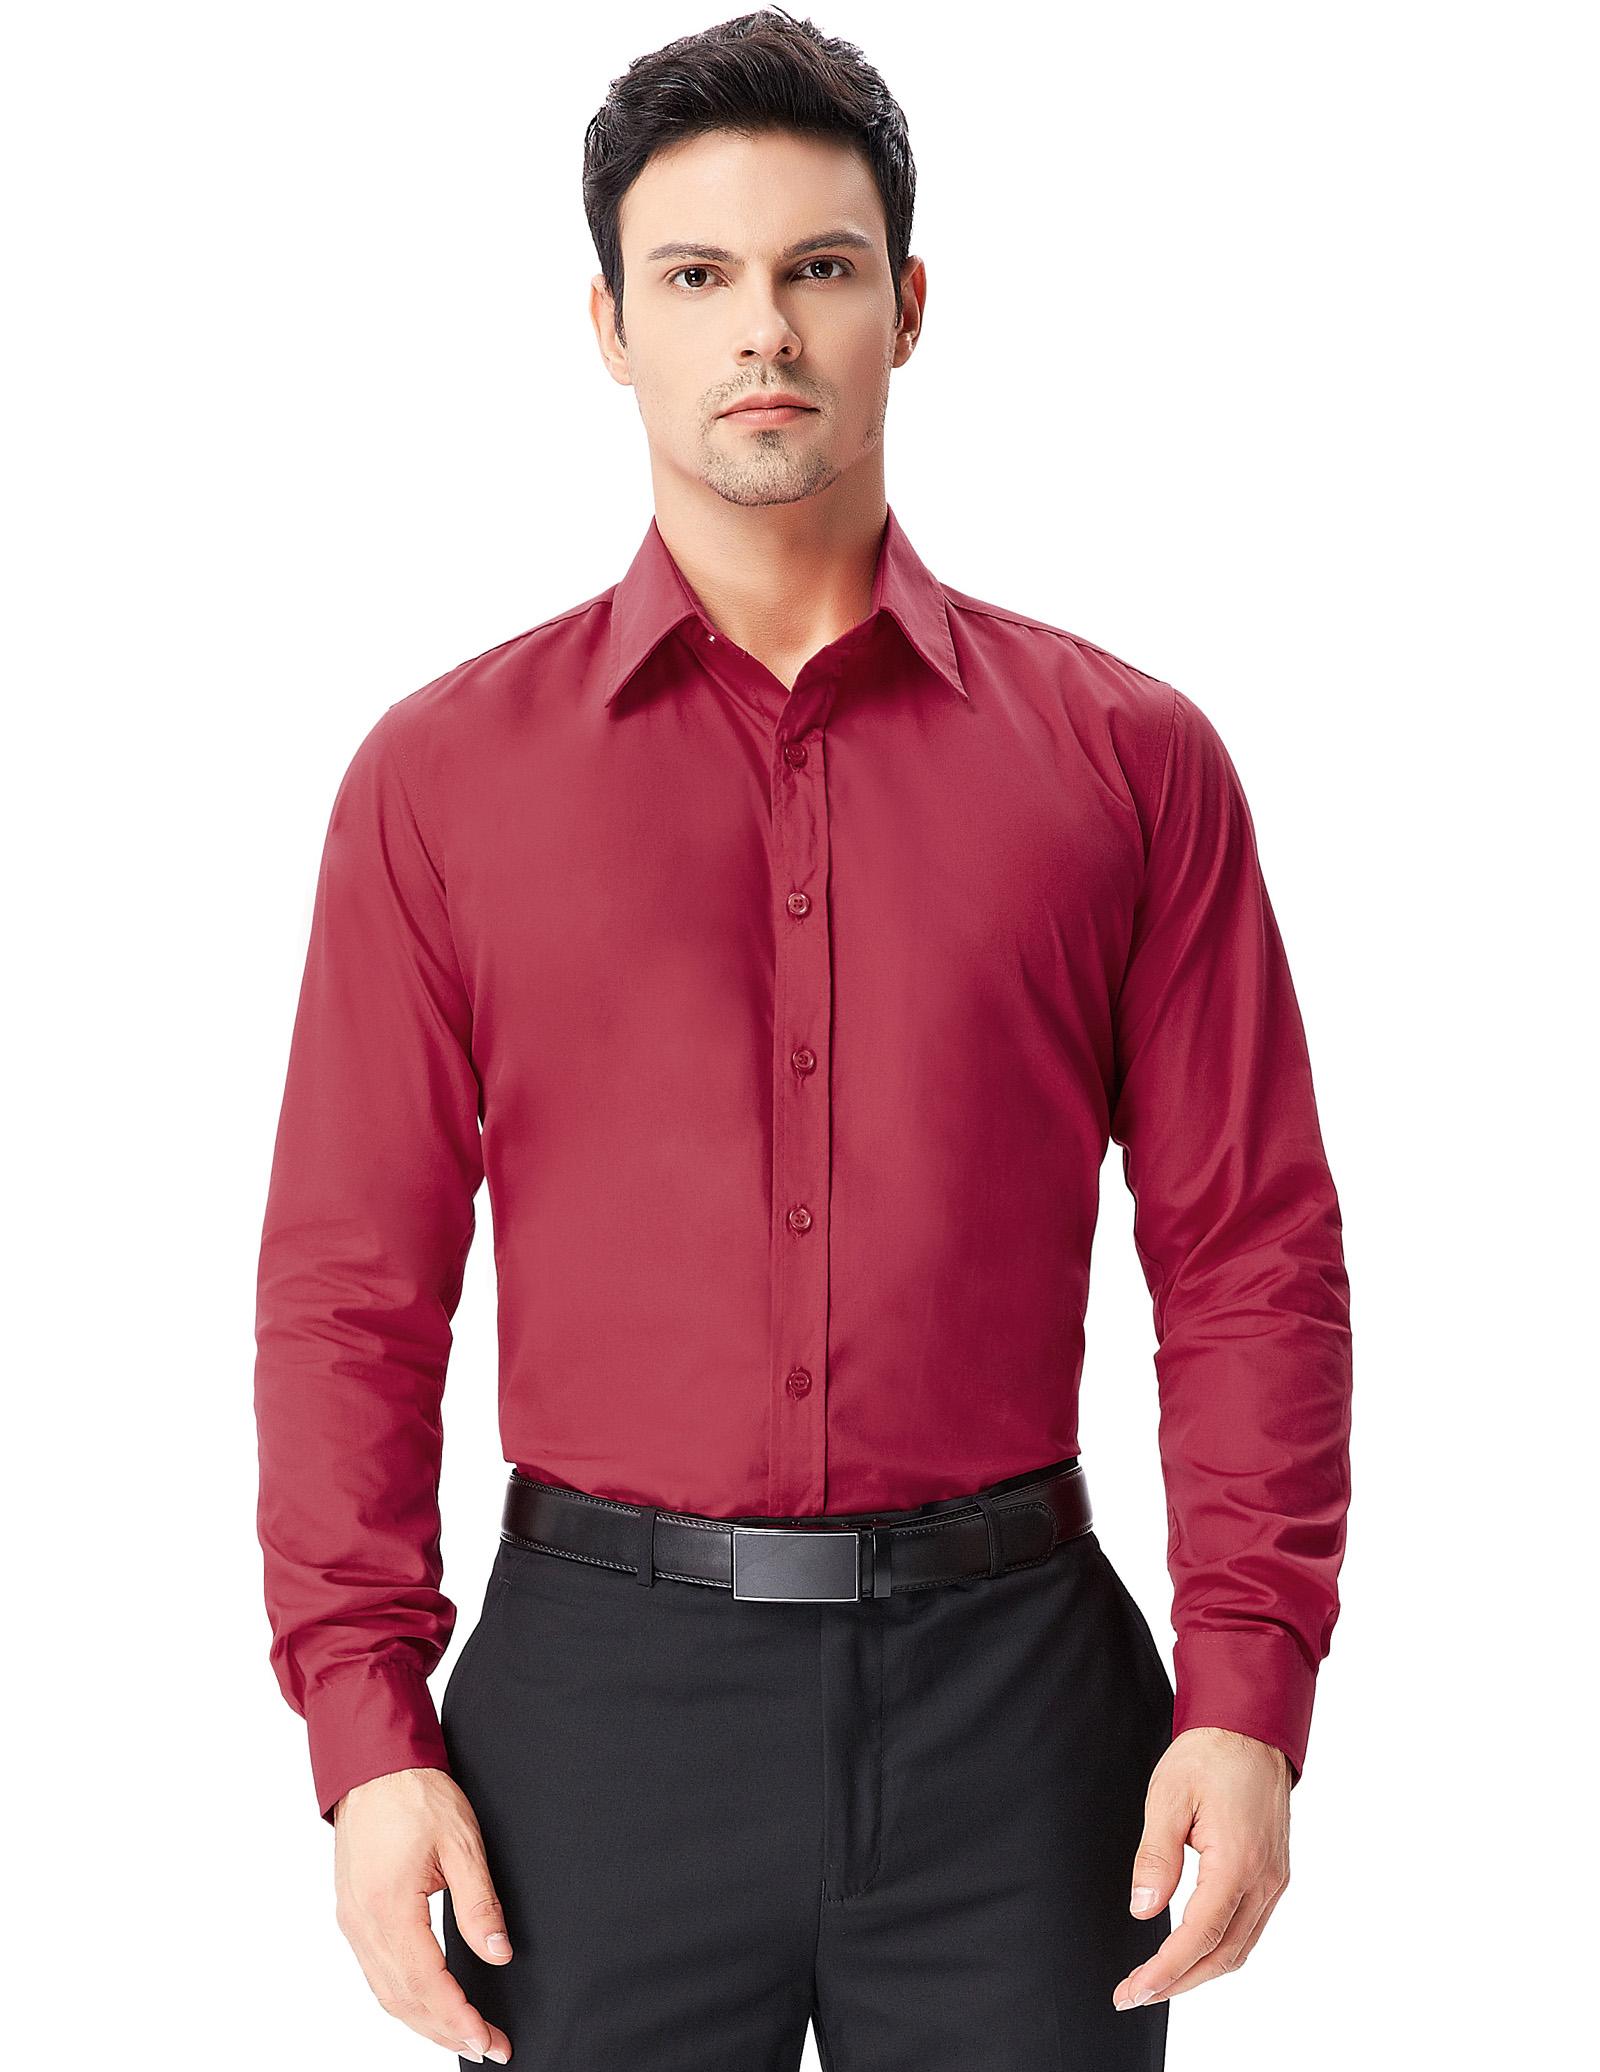 herren langarmshirt shirt hochzeit business anzug freizeit. Black Bedroom Furniture Sets. Home Design Ideas